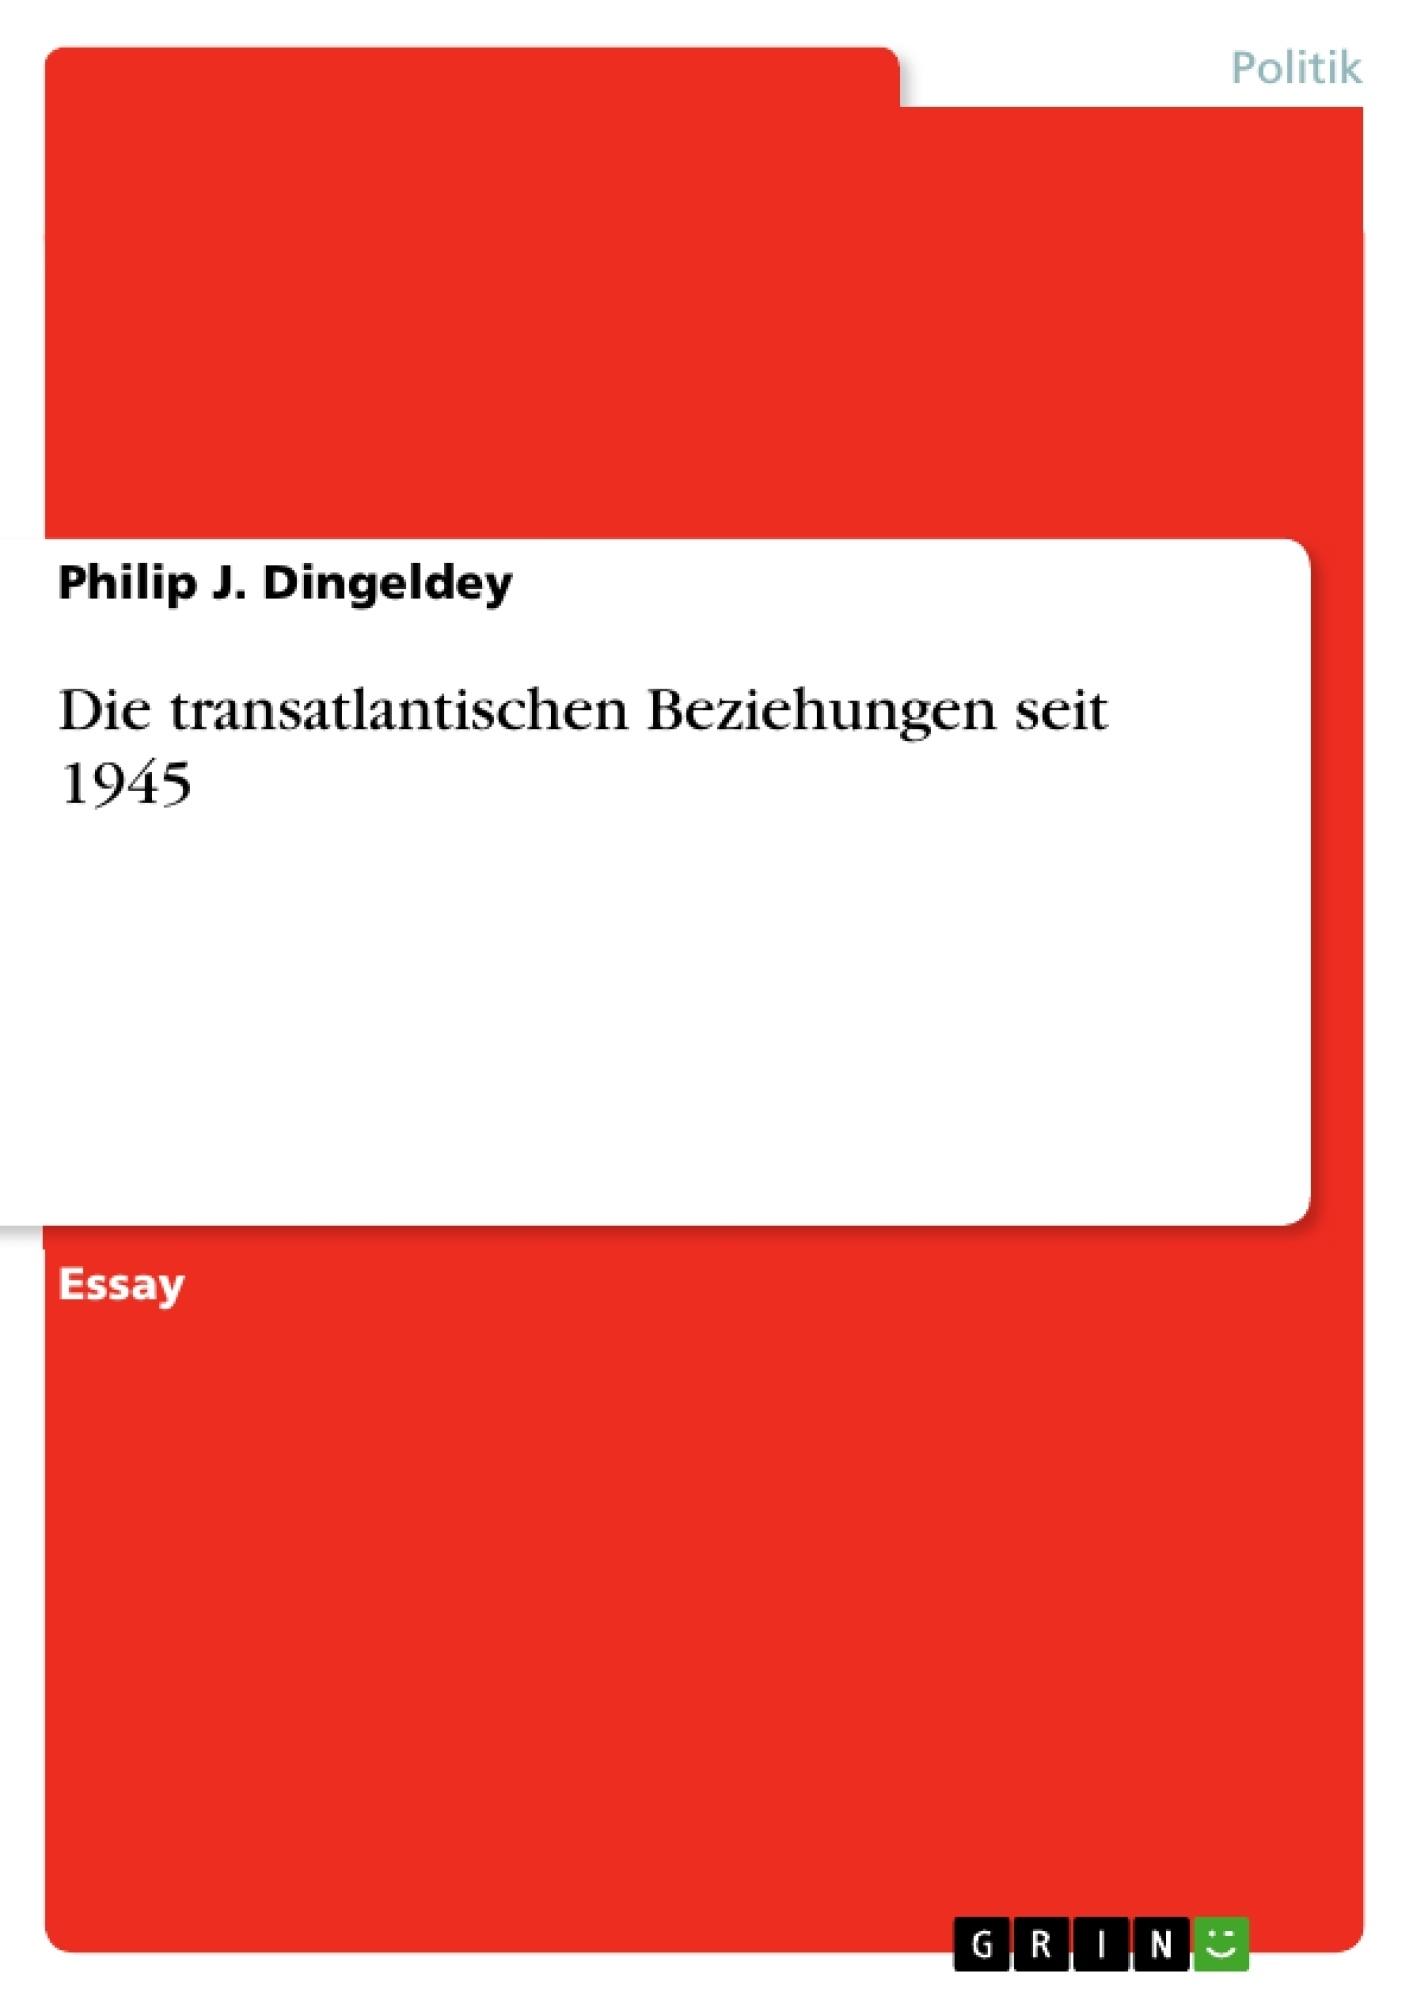 Titel: Die transatlantischen Beziehungen seit 1945